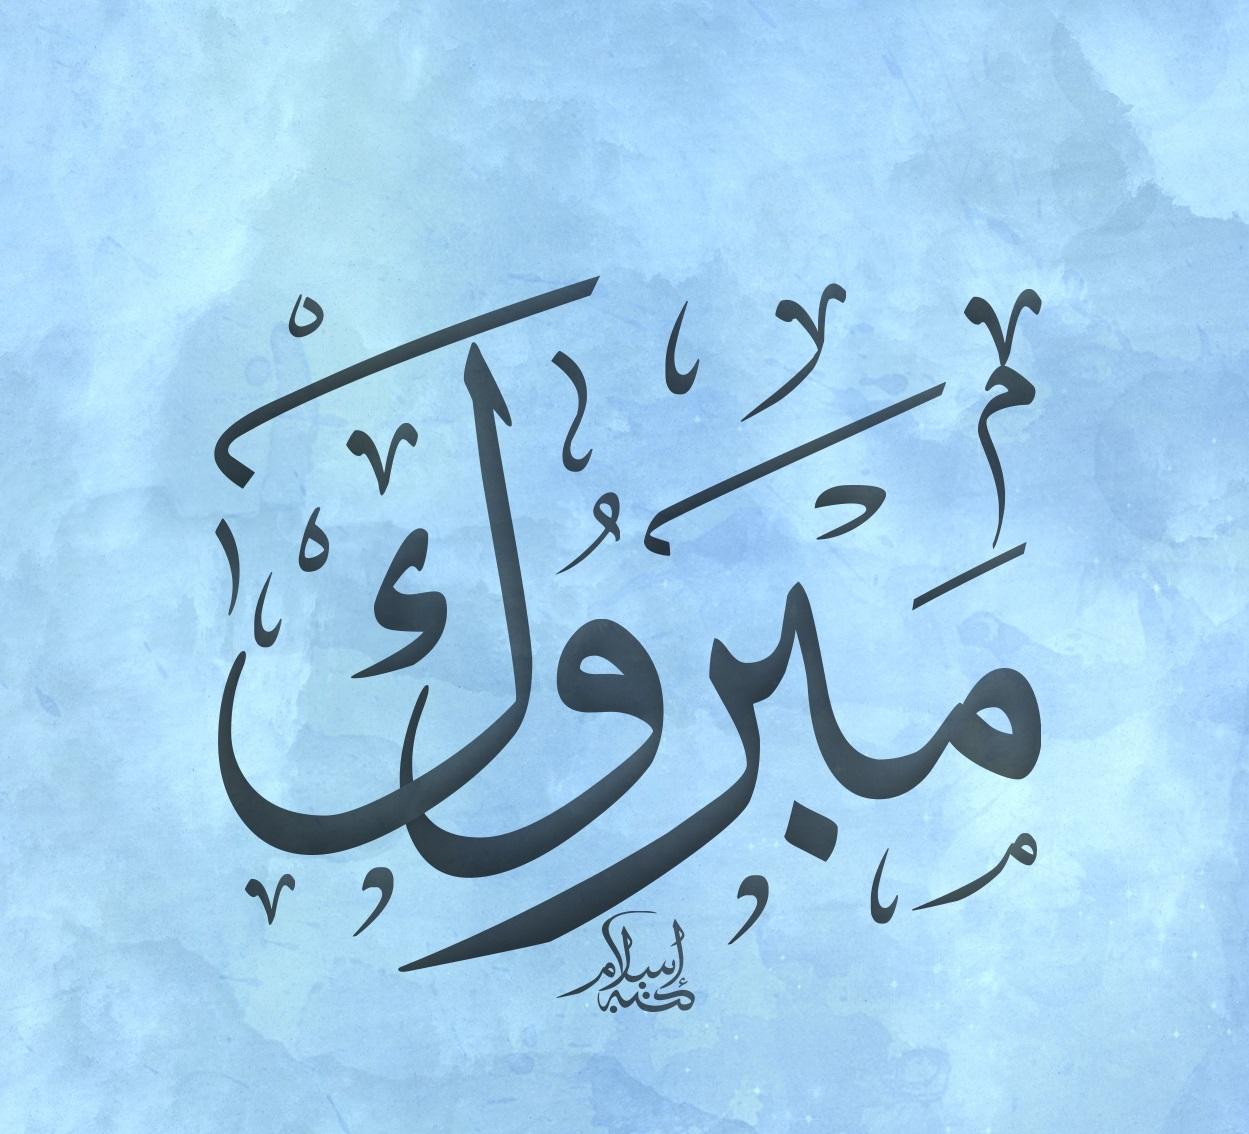 الدكتور حسين العبادي الف مبروك